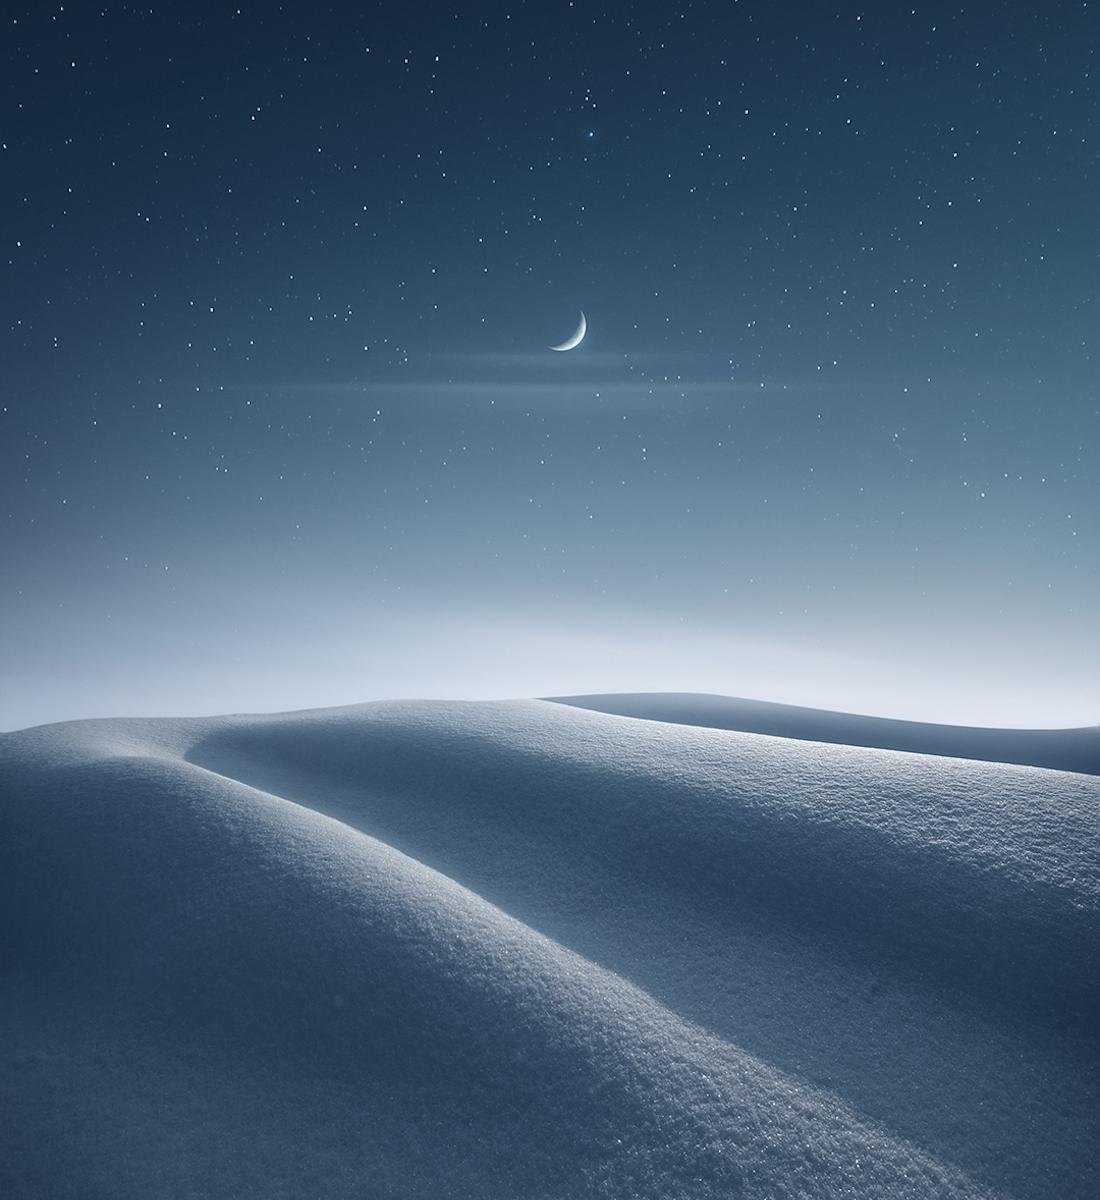 Paisagens meditativas visualizam a beleza tranquila do silêncio